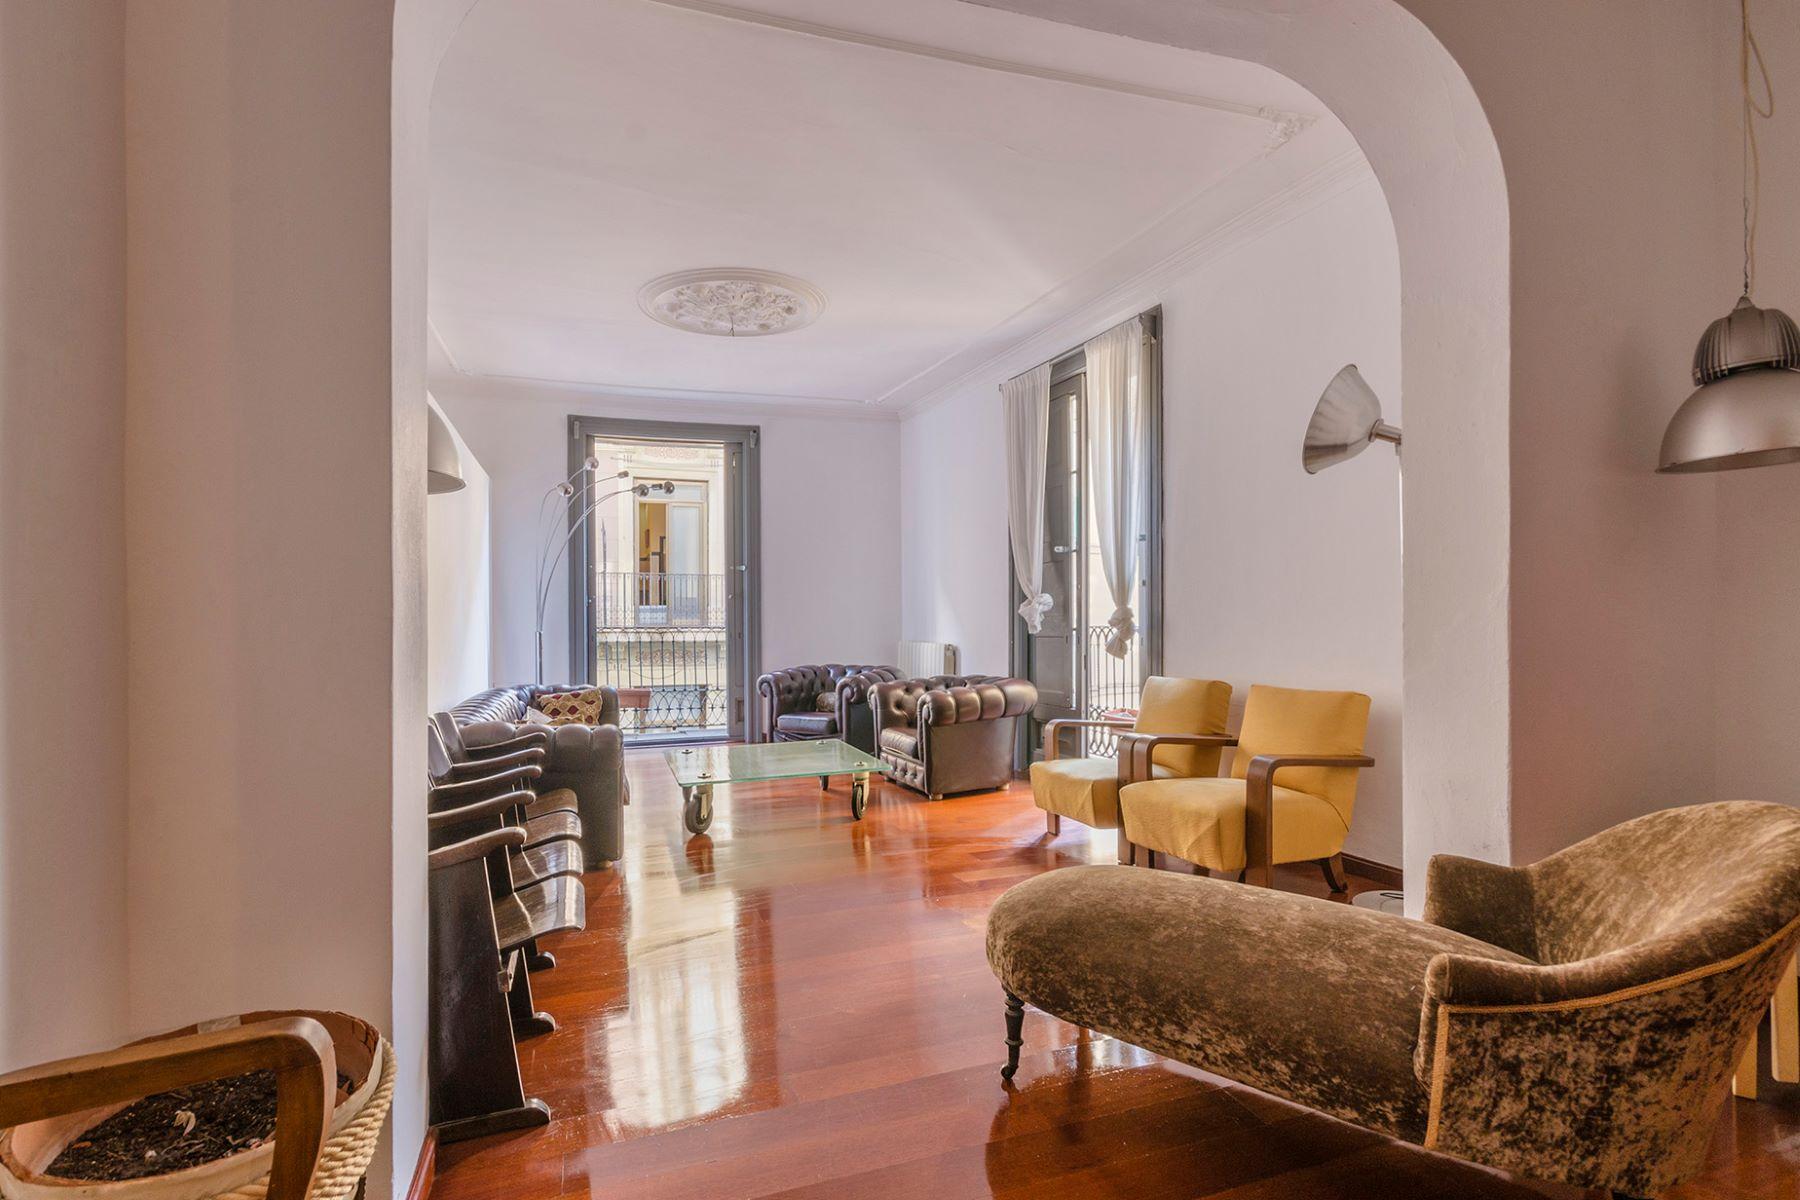 公寓 為 出售 在 Spacious apartment and a great investment opportunity in the Gothic quarter Barcelona City, Barcelona, 08002 西班牙